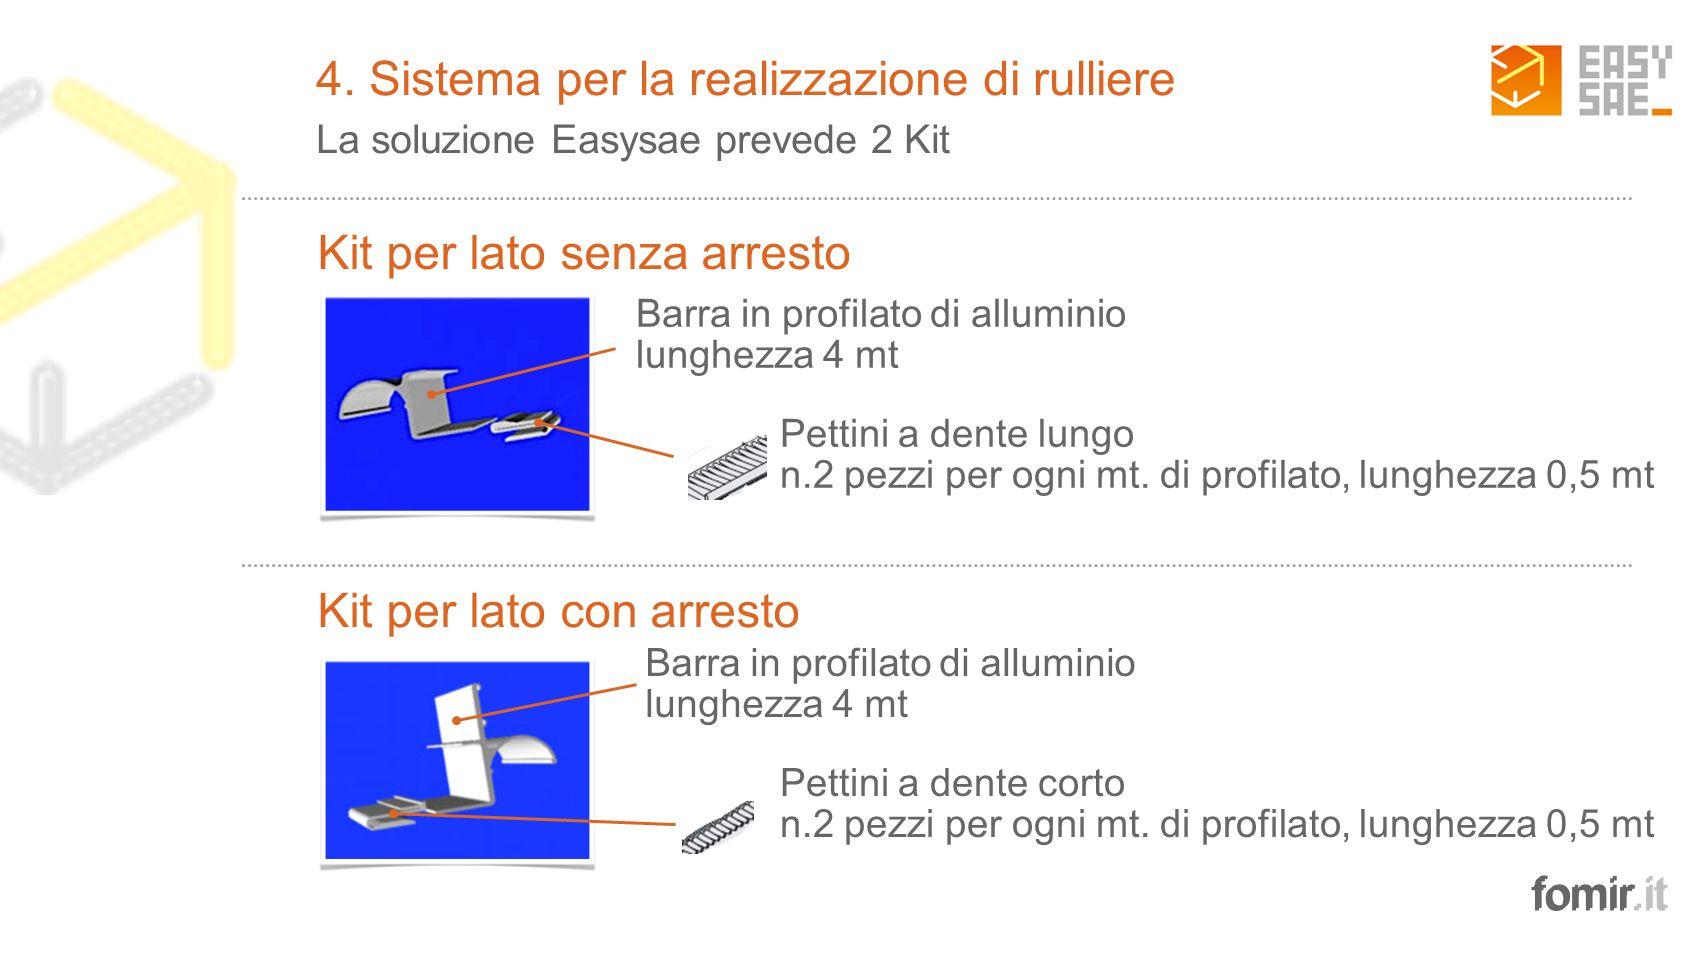 fomir.it Barra in profilato di alluminio lunghezza 4 mt 2 Pettini a dente lungo n.2 pezzi per ogni mt. di profilato, lunghezza 0,5 mt Barra in profila